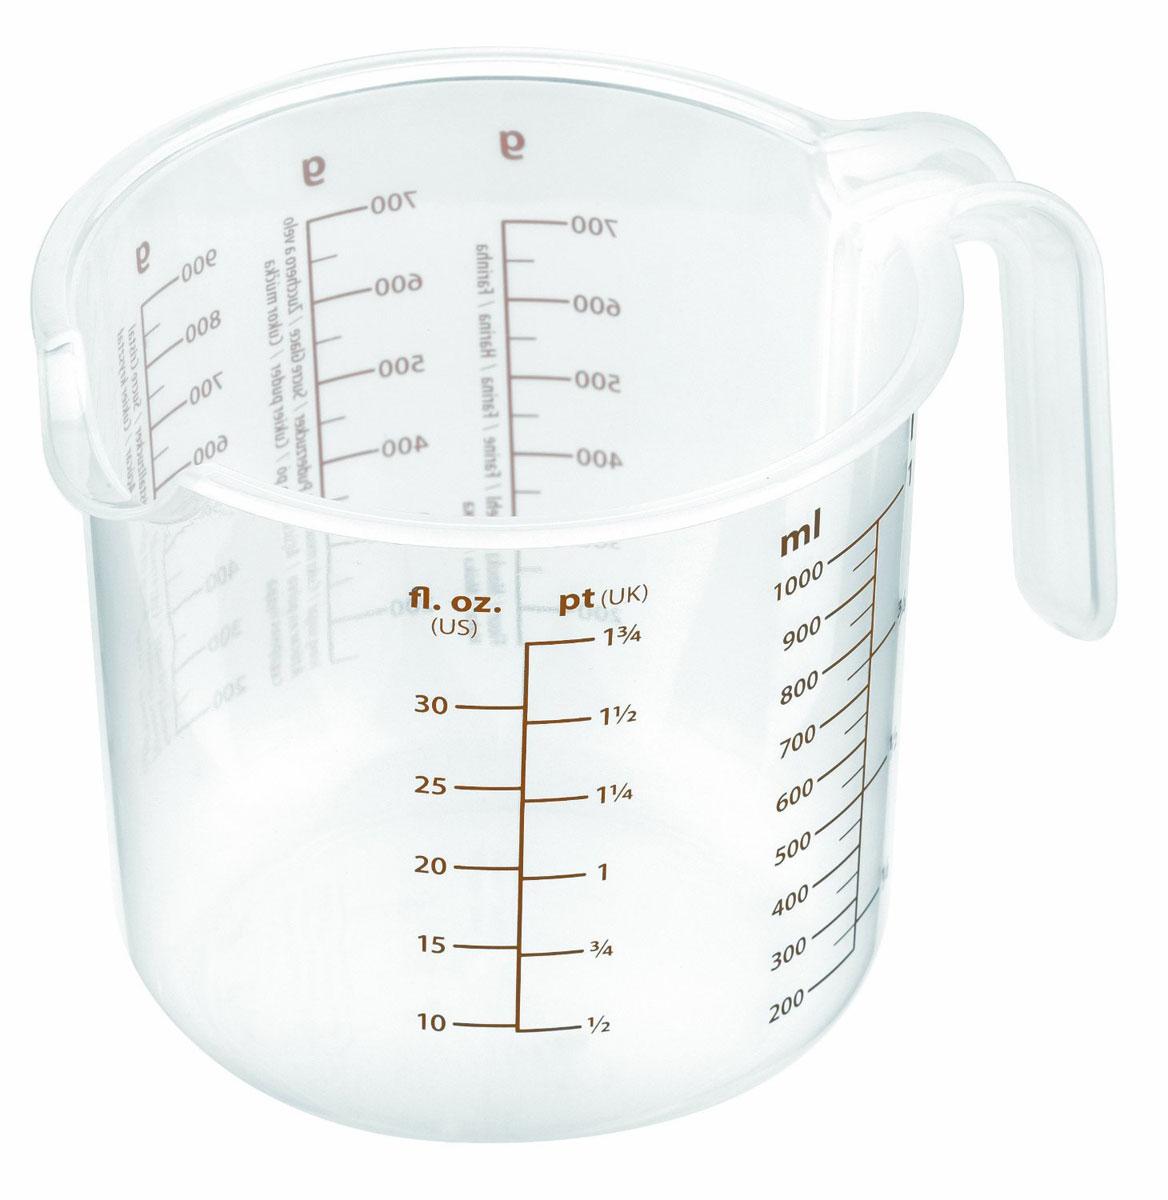 Емкость мерная Tescoma Delicia, 0,5 л54 009312Мерная емкость Tescoma Delicia выполнена из прозрачного пластика и оснащена удобной ручкой и носиком для слива жидкости. На стенке изделия имеются отдельные мерные шкалы.Такая емкость пригодится на каждой кухне, ведь зачастую приготовление некоторых блюд требует известной точности. Диаметр емкости (по верхнему краю): 9 см. Высота емкости: 11 см.